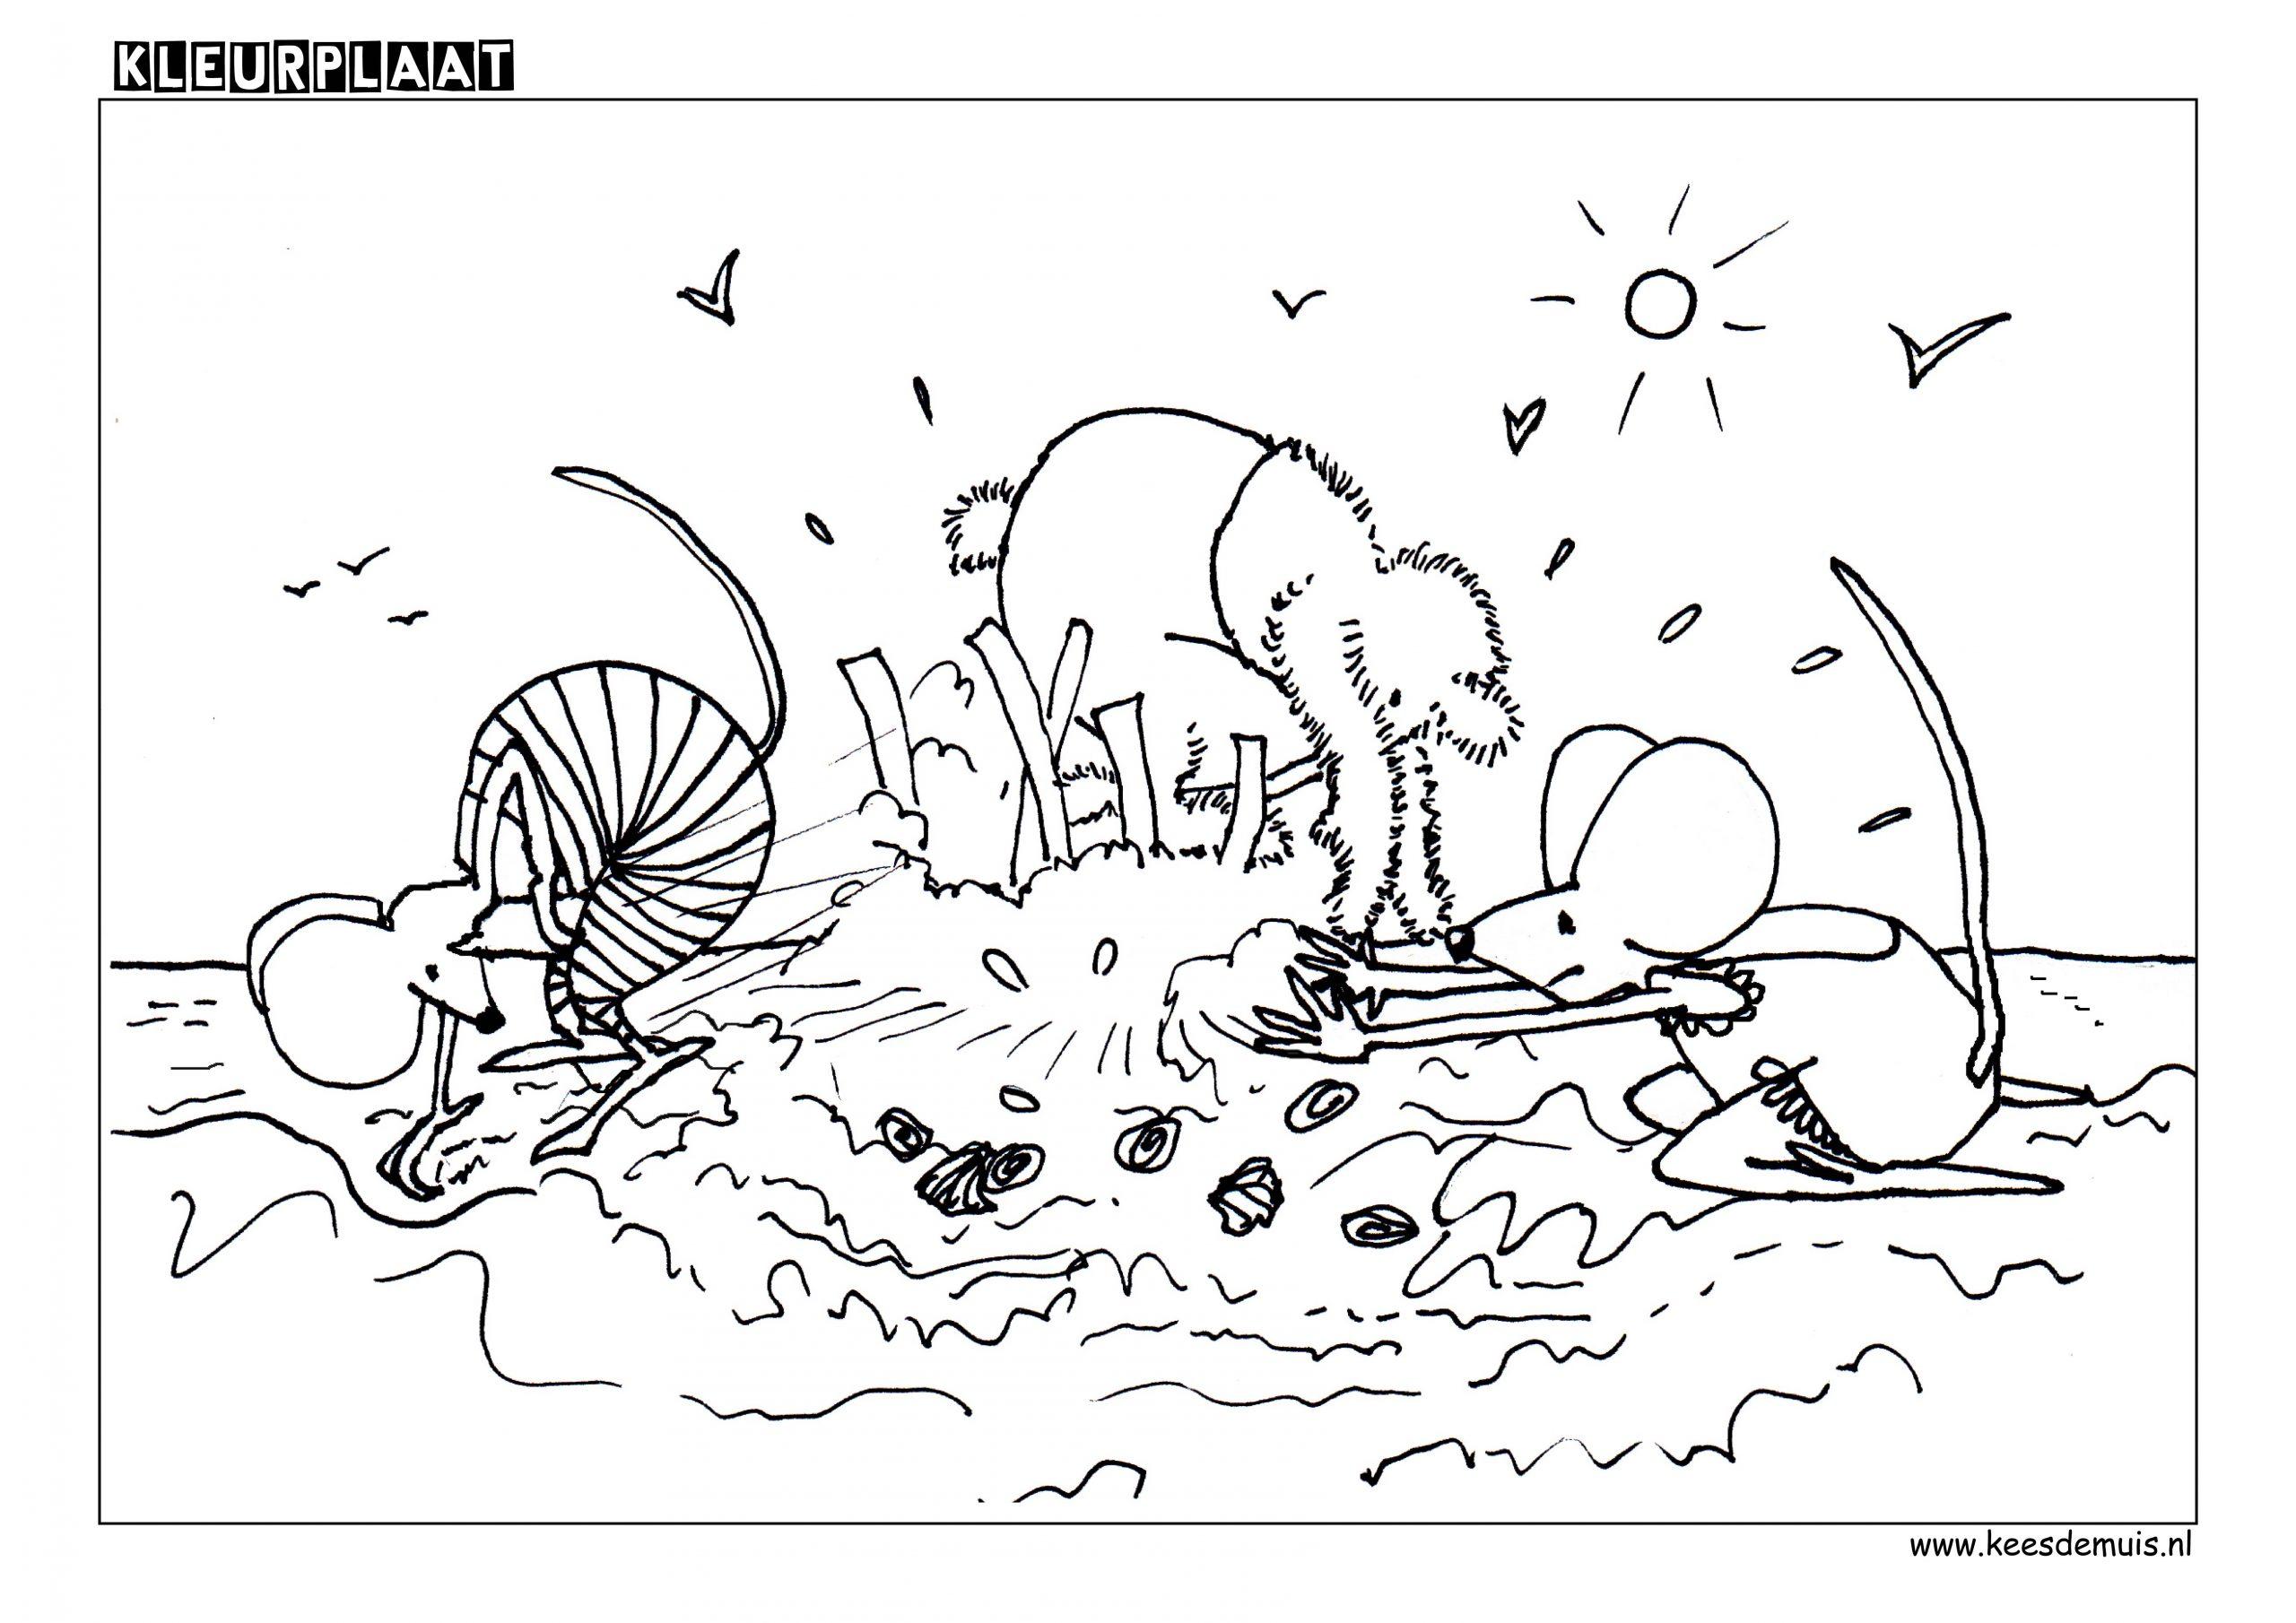 Kleurplaat strand zand taart spelen | Kees de Muis